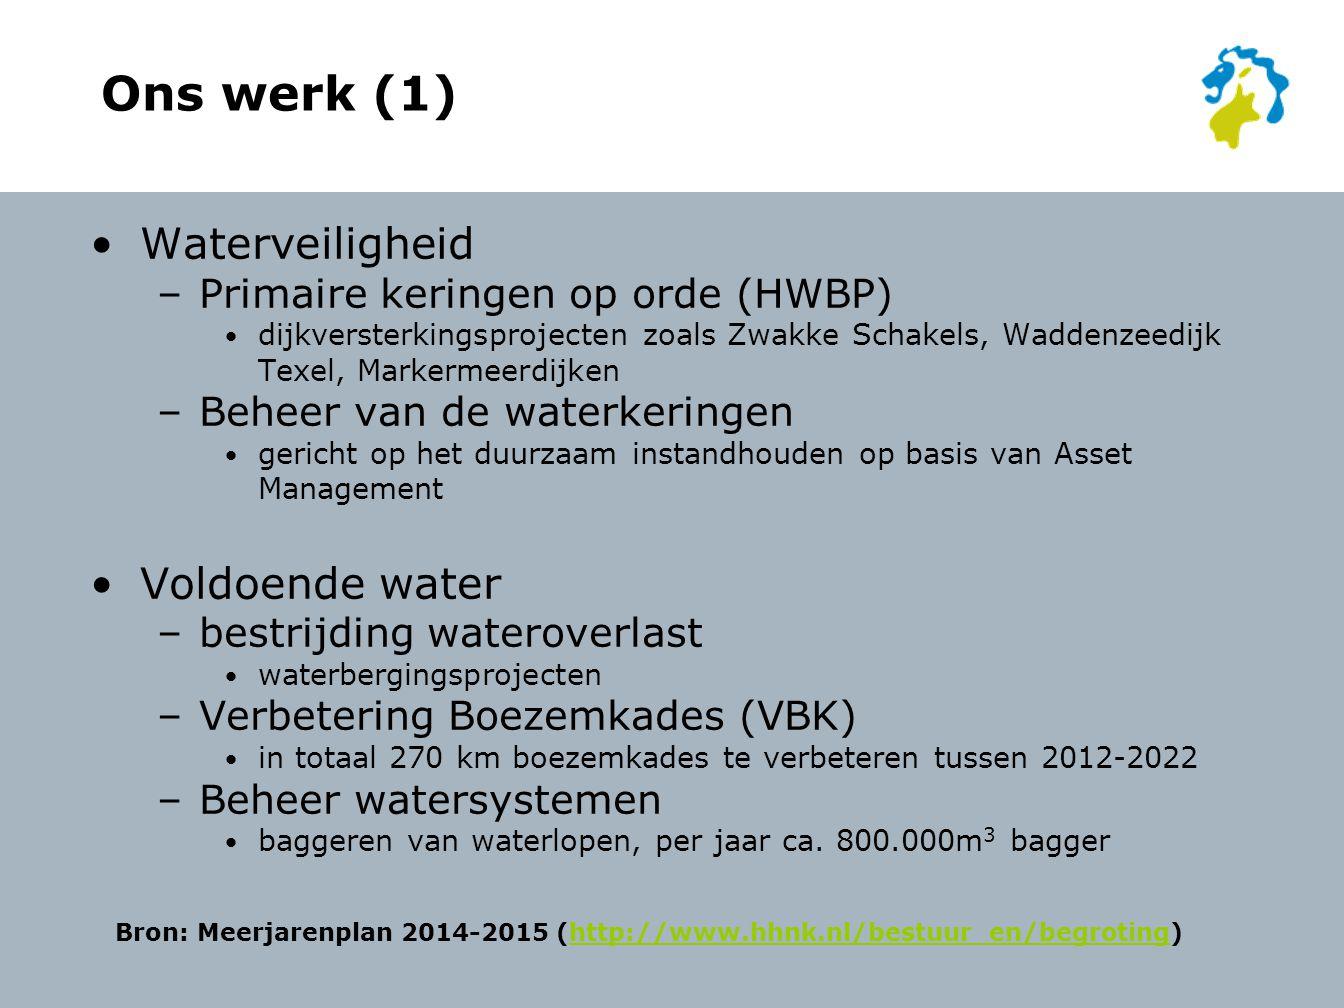 Ons werk (1) Waterveiligheid –Primaire keringen op orde (HWBP) dijkversterkingsprojecten zoals Zwakke Schakels, Waddenzeedijk Texel, Markermeerdijken –Beheer van de waterkeringen gericht op het duurzaam instandhouden op basis van Asset Management Voldoende water –bestrijding wateroverlast waterbergingsprojecten –Verbetering Boezemkades (VBK) in totaal 270 km boezemkades te verbeteren tussen 2012-2022 –Beheer watersystemen baggeren van waterlopen, per jaar ca.